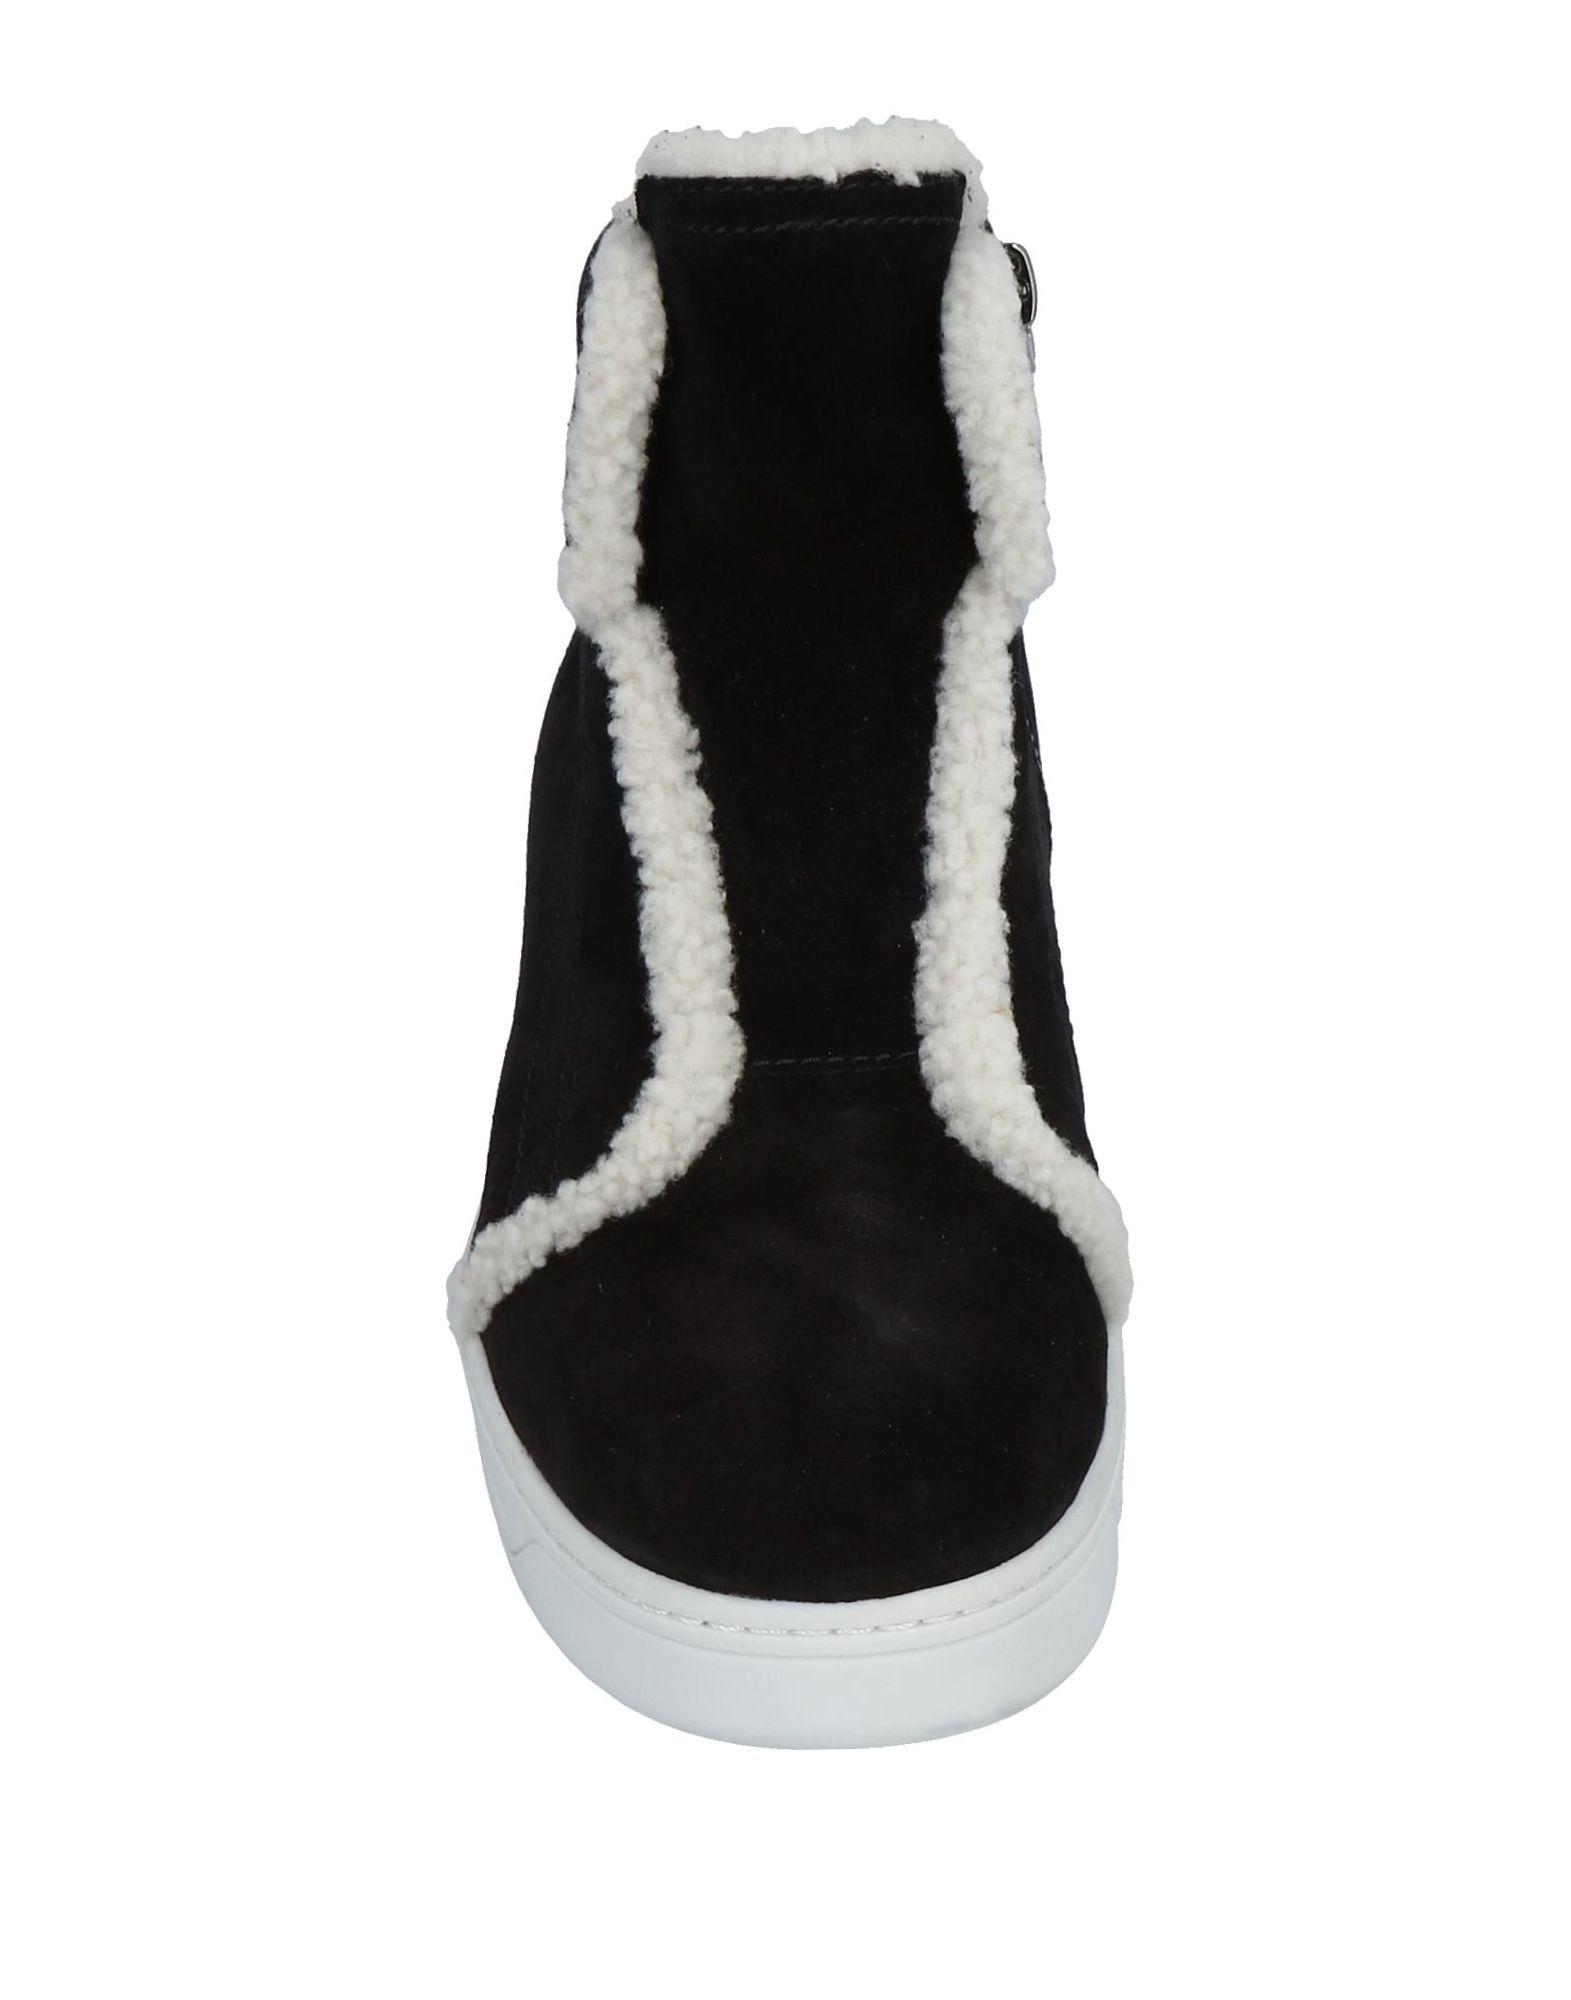 Rabatt Schuhe Prada Damen Sport Sneakers Damen Prada  11495035SV 0af671